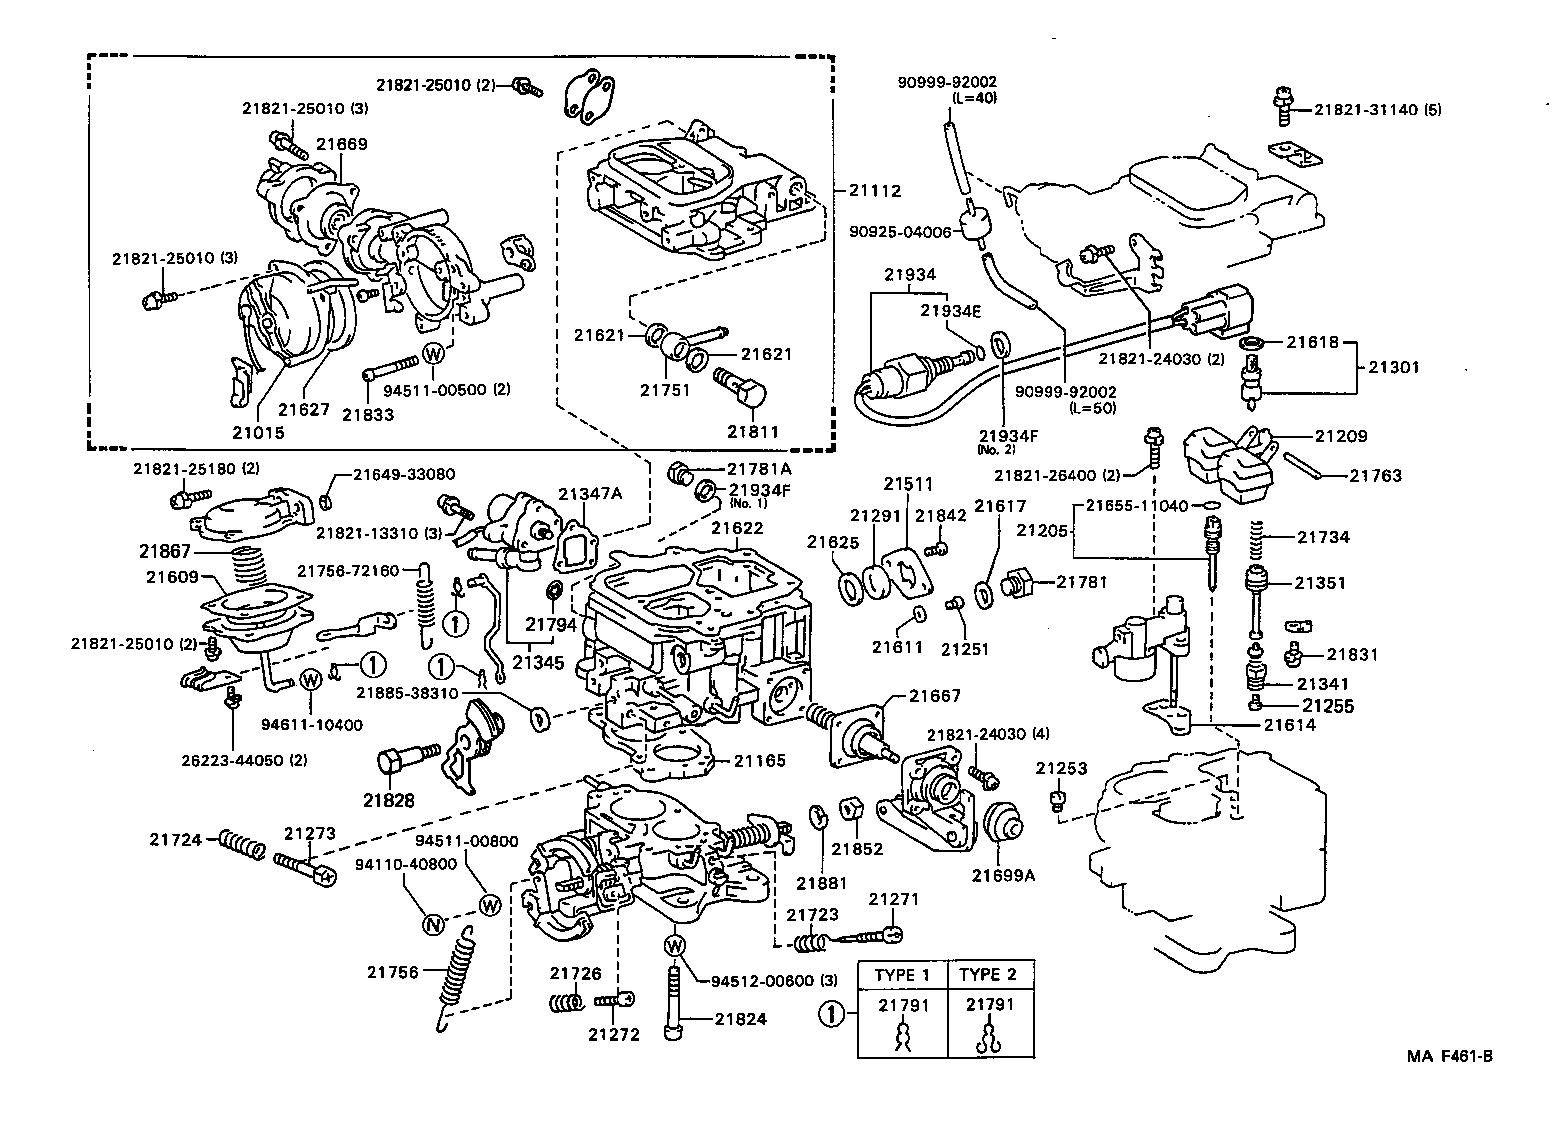 ramcharger wiring diagram